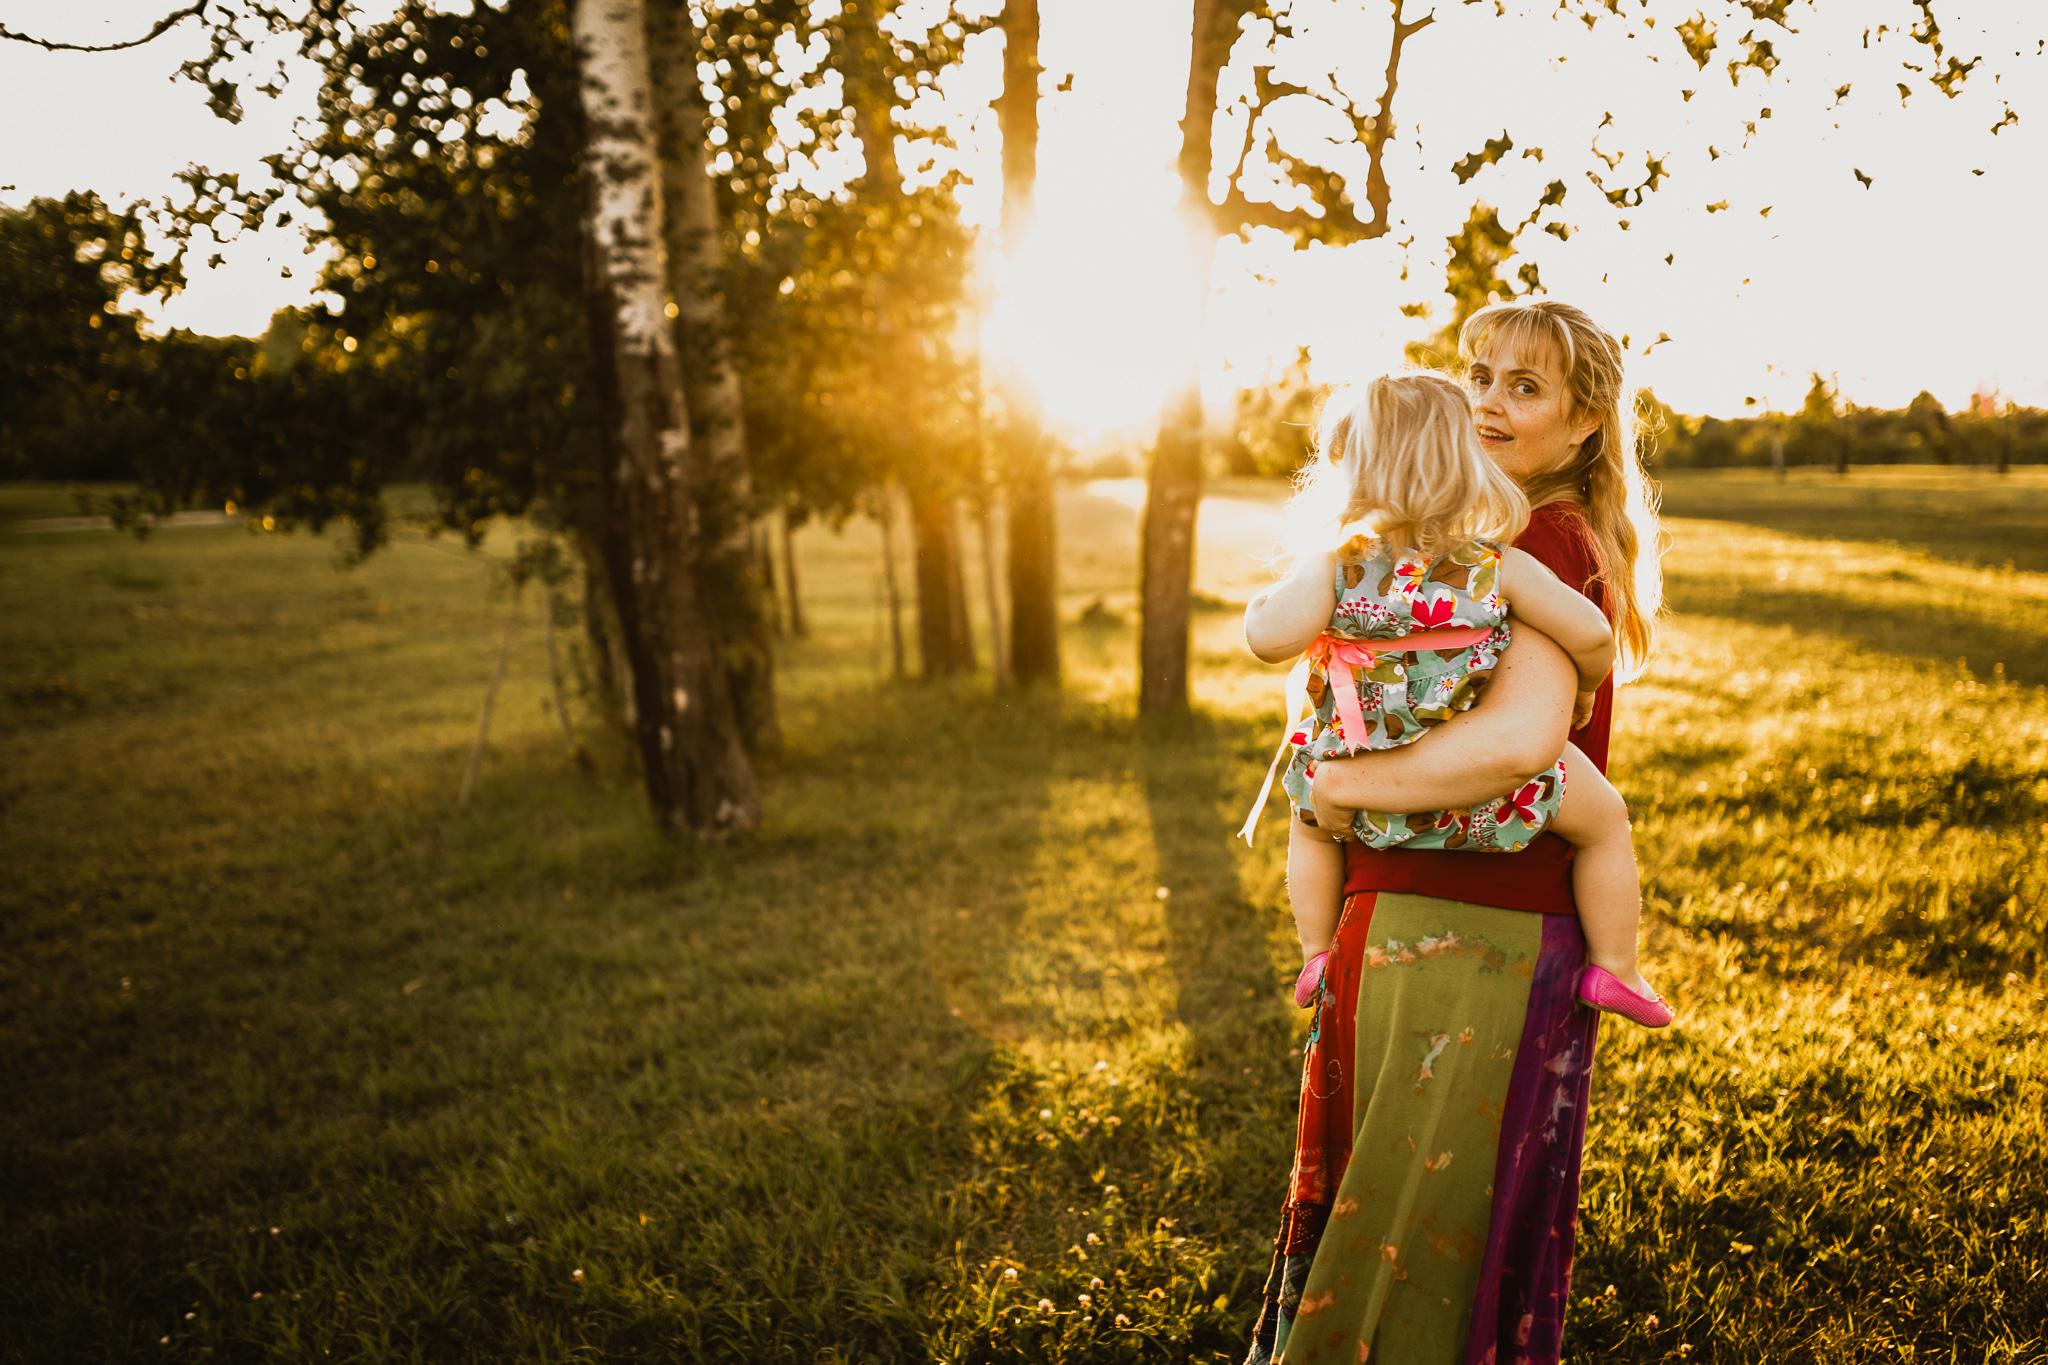 Alina-Joy-Photography-Cold-Lake-Lifestyle-Photographer-43.jpg